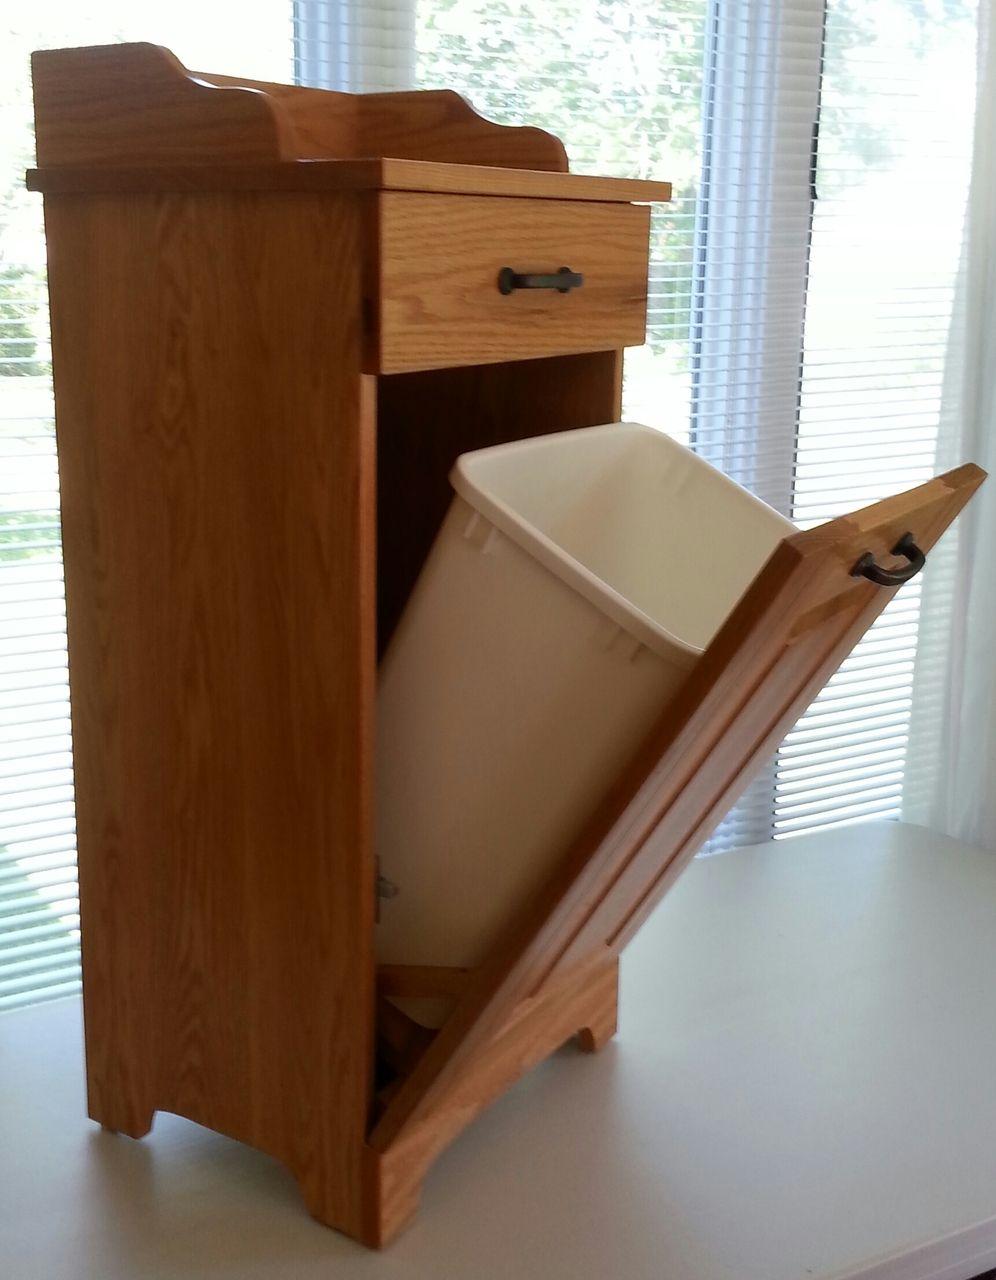 Amish made wooden Slimline tiltout Trash bin